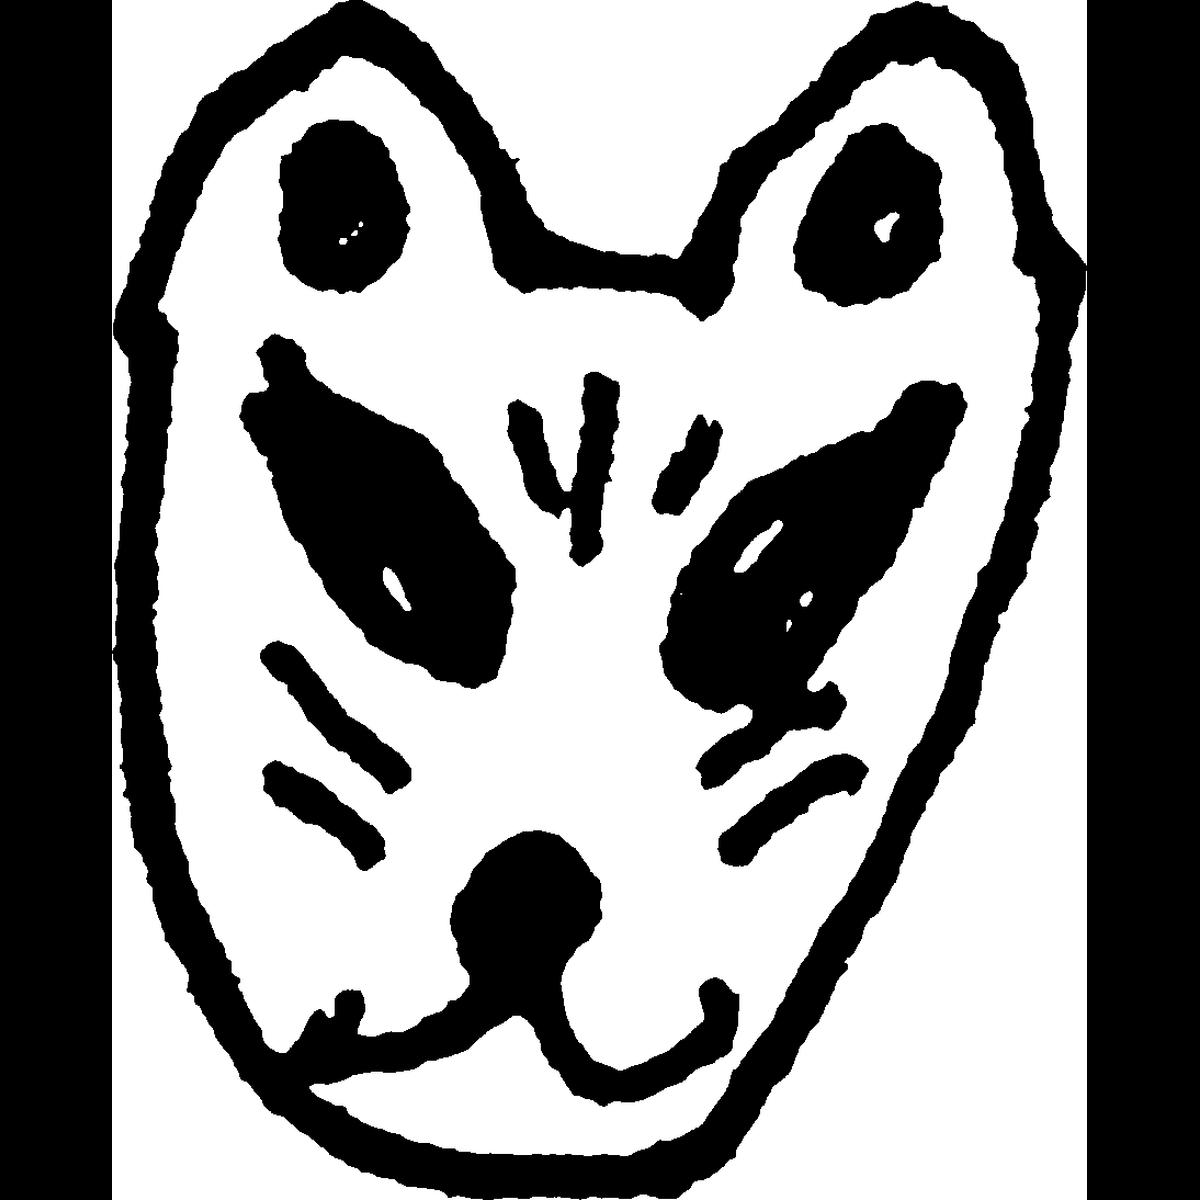 キツネ・狐のお面のイラスト